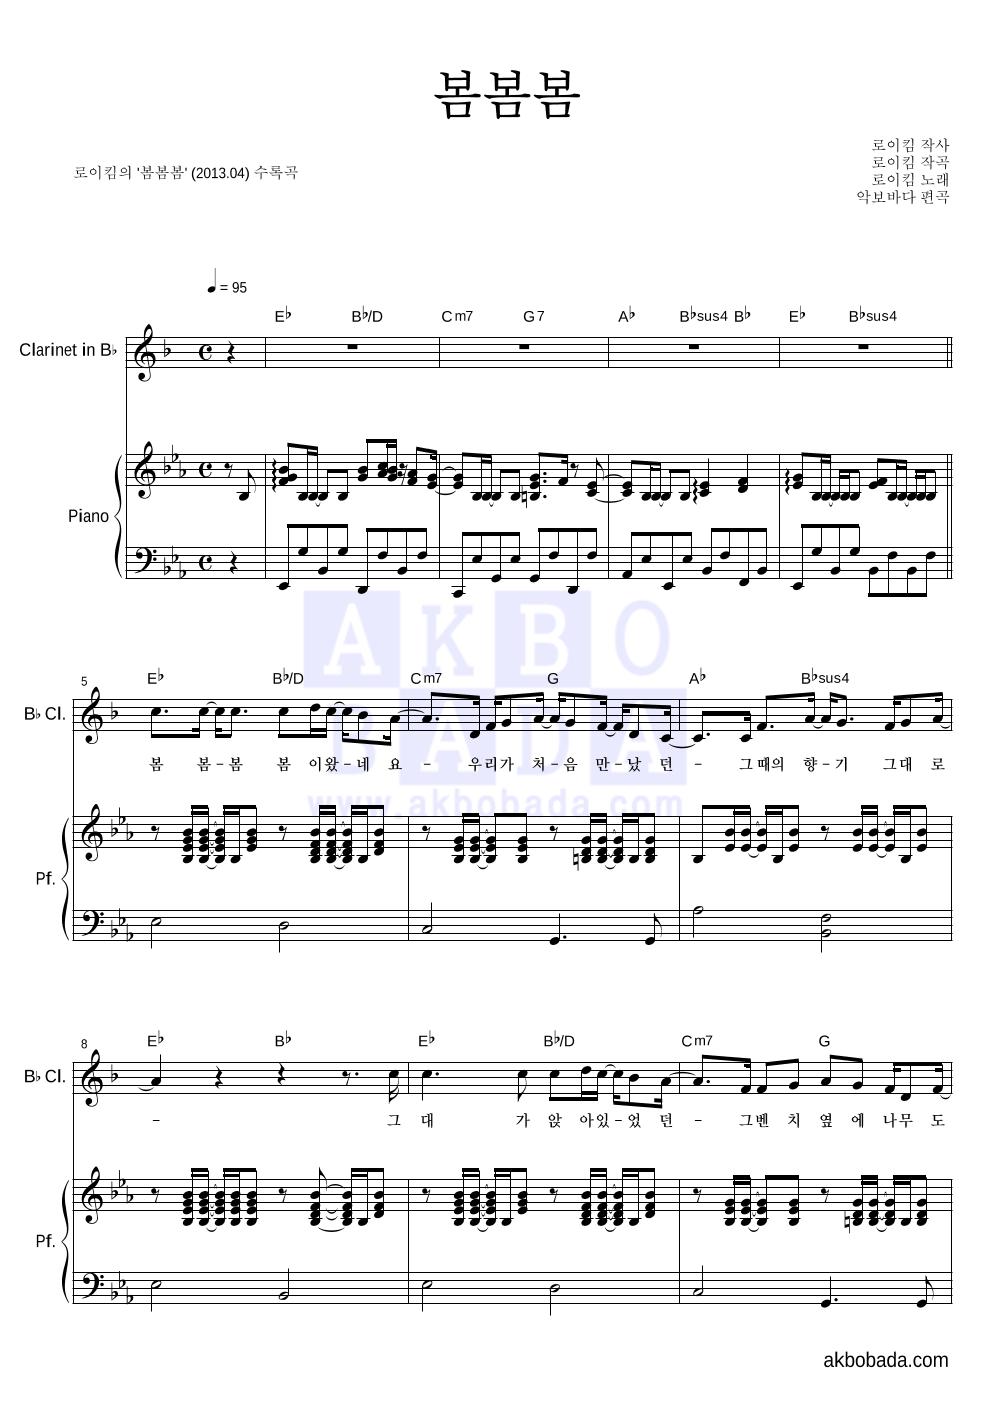 로이킴 - 봄봄봄 클라리넷&피아노 악보